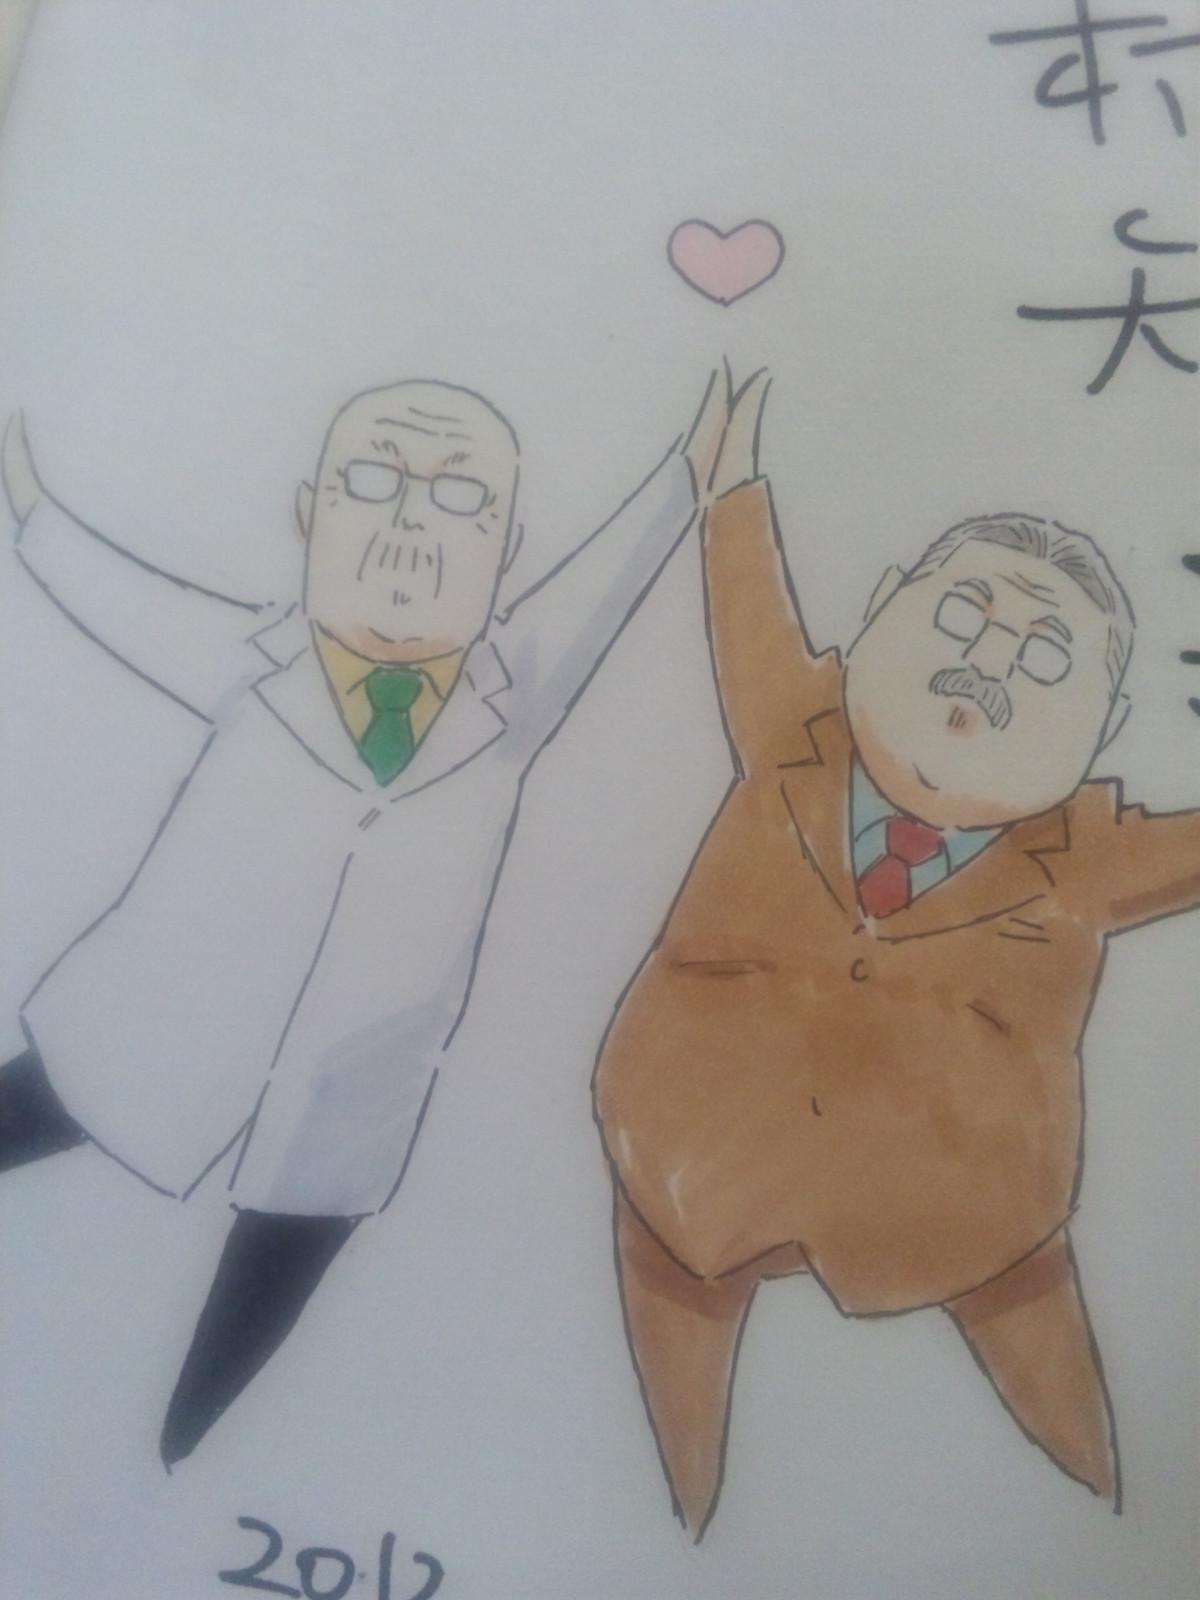 西村知道さん (樹慶蔵)